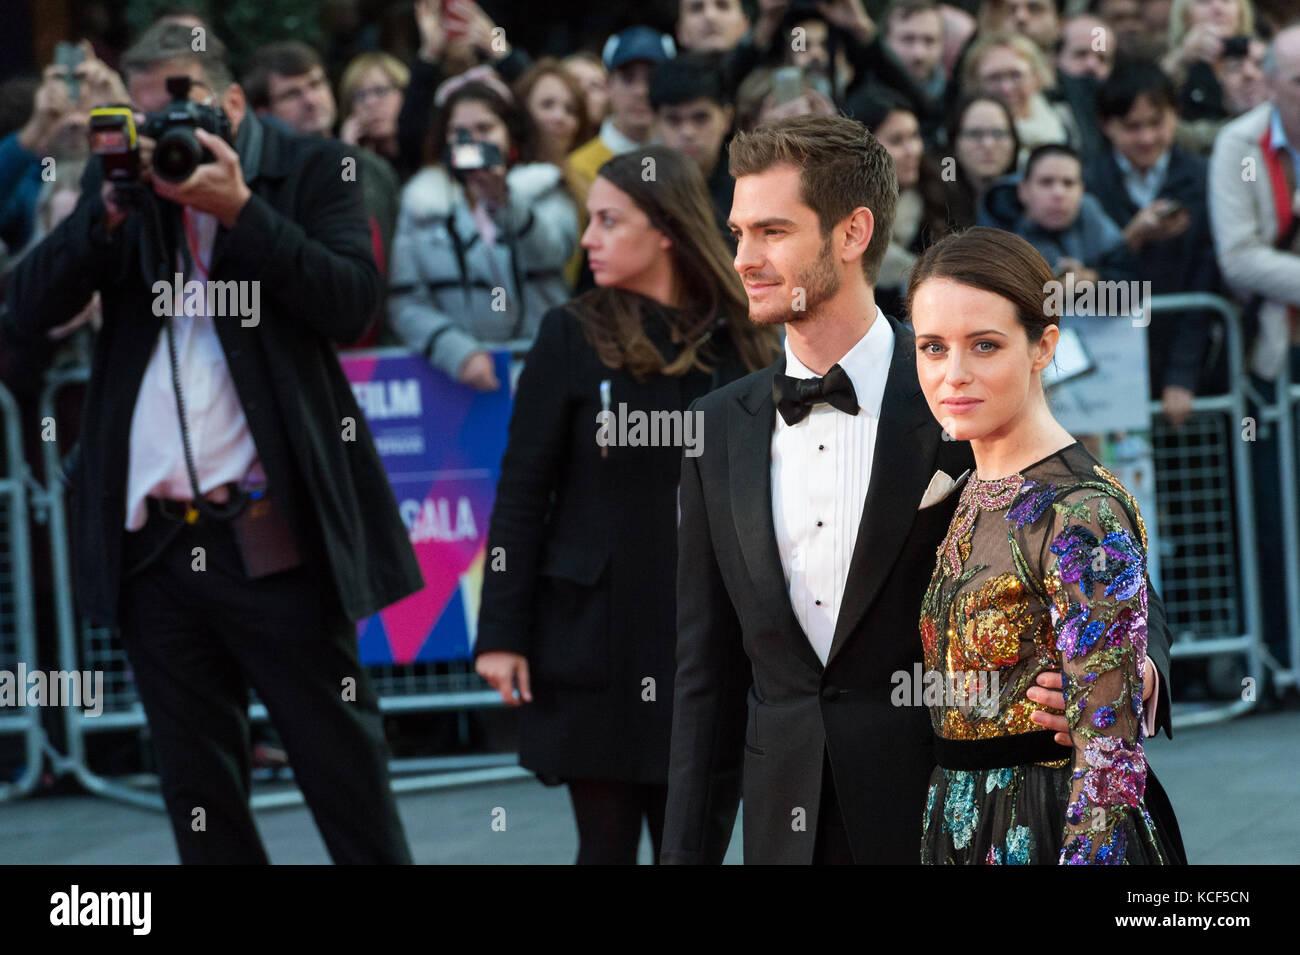 Londres, Reino Unido. 4 de octubre de 2017. Claire foy y Andrew Garfield llegar para el Reino Unido estreno de respirar Imagen De Stock